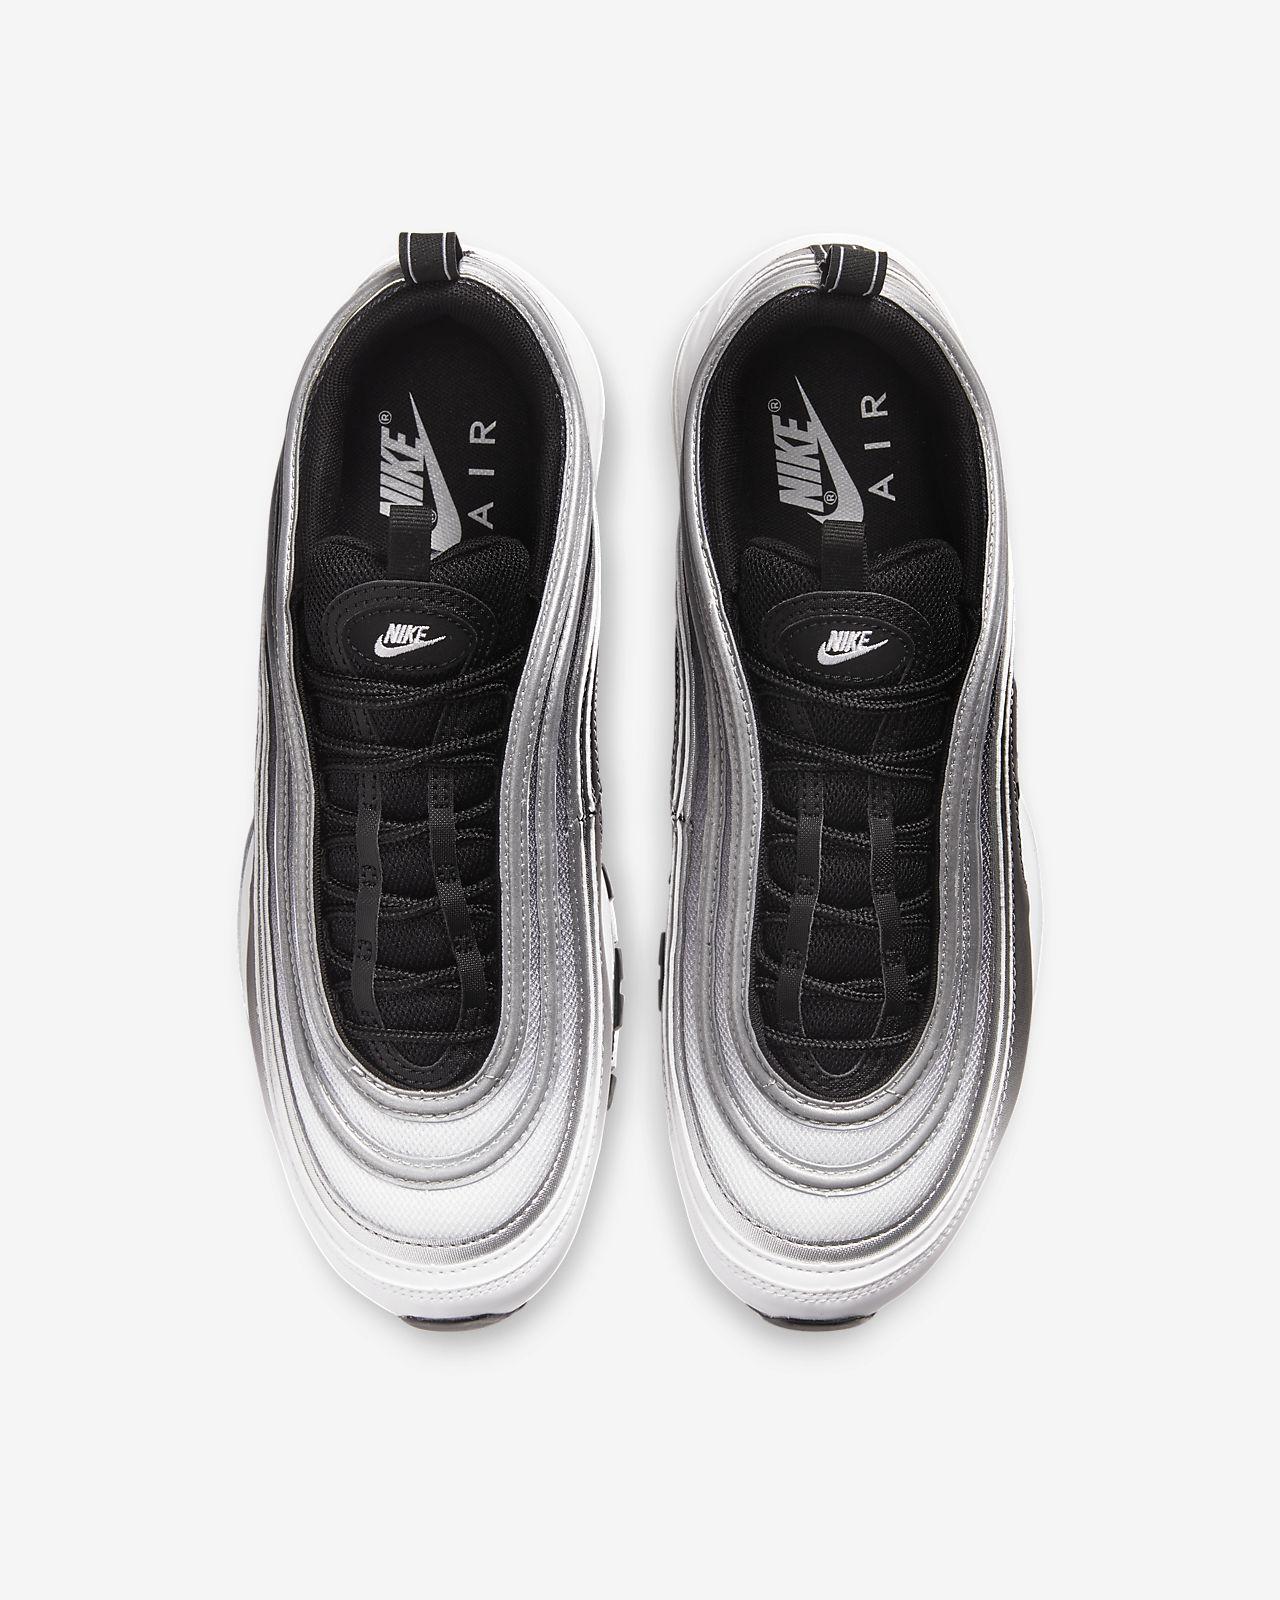 Mens Nike Air Max|Nike Air Max 97